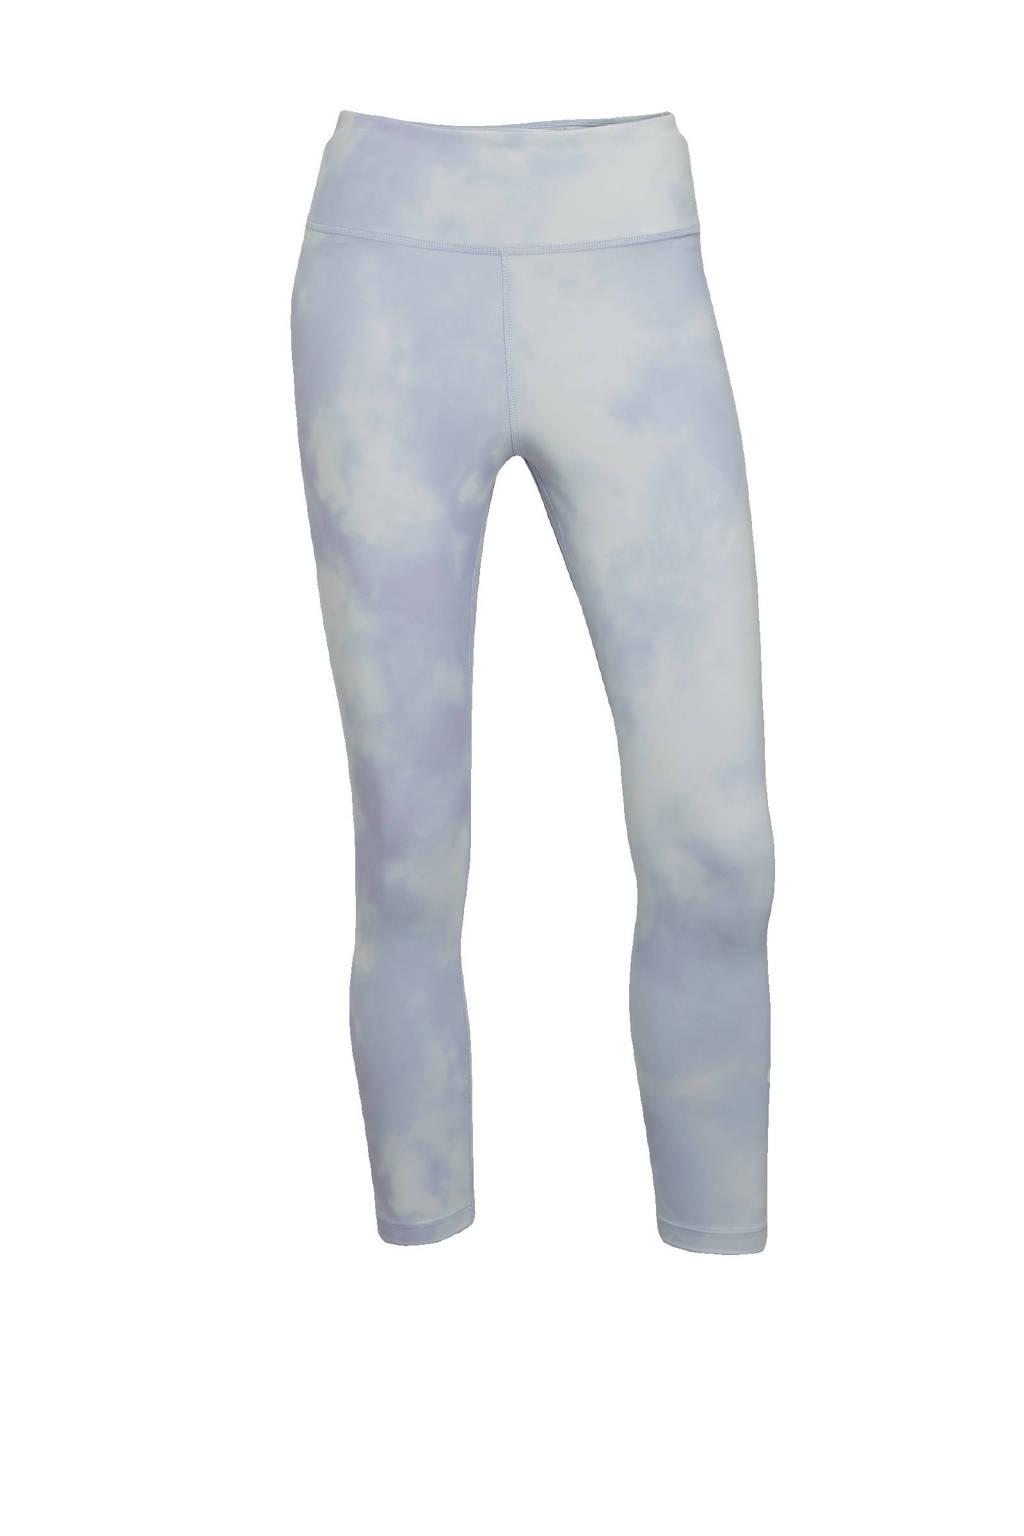 Nike sportlegging wit/paars, Wit/paars